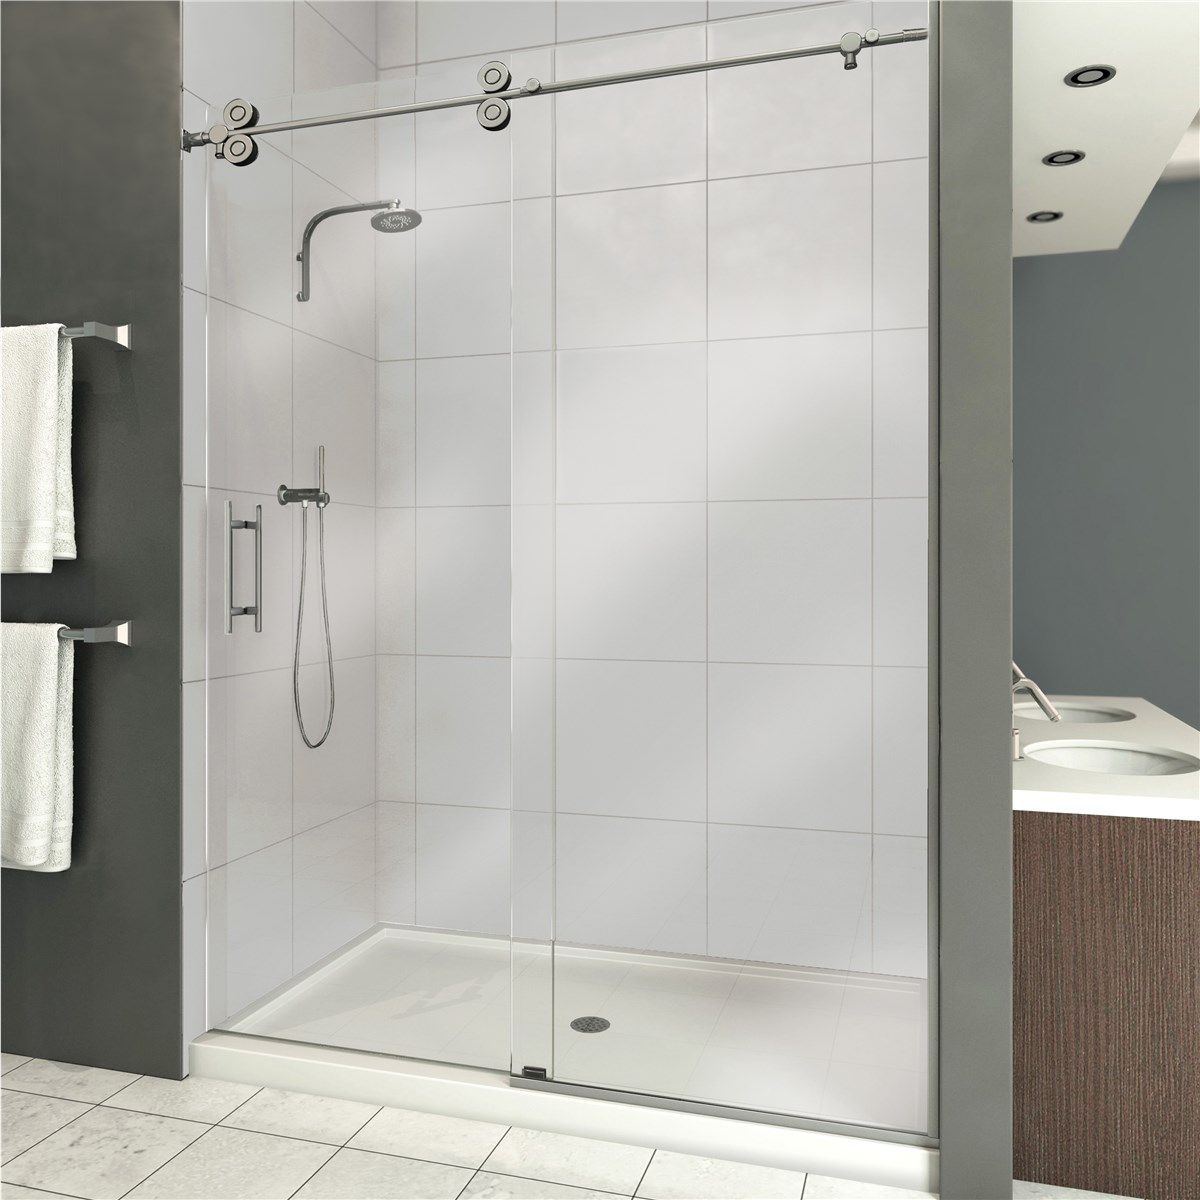 Cayman Shower Door Shower Doors Bathroom Remodel Shower